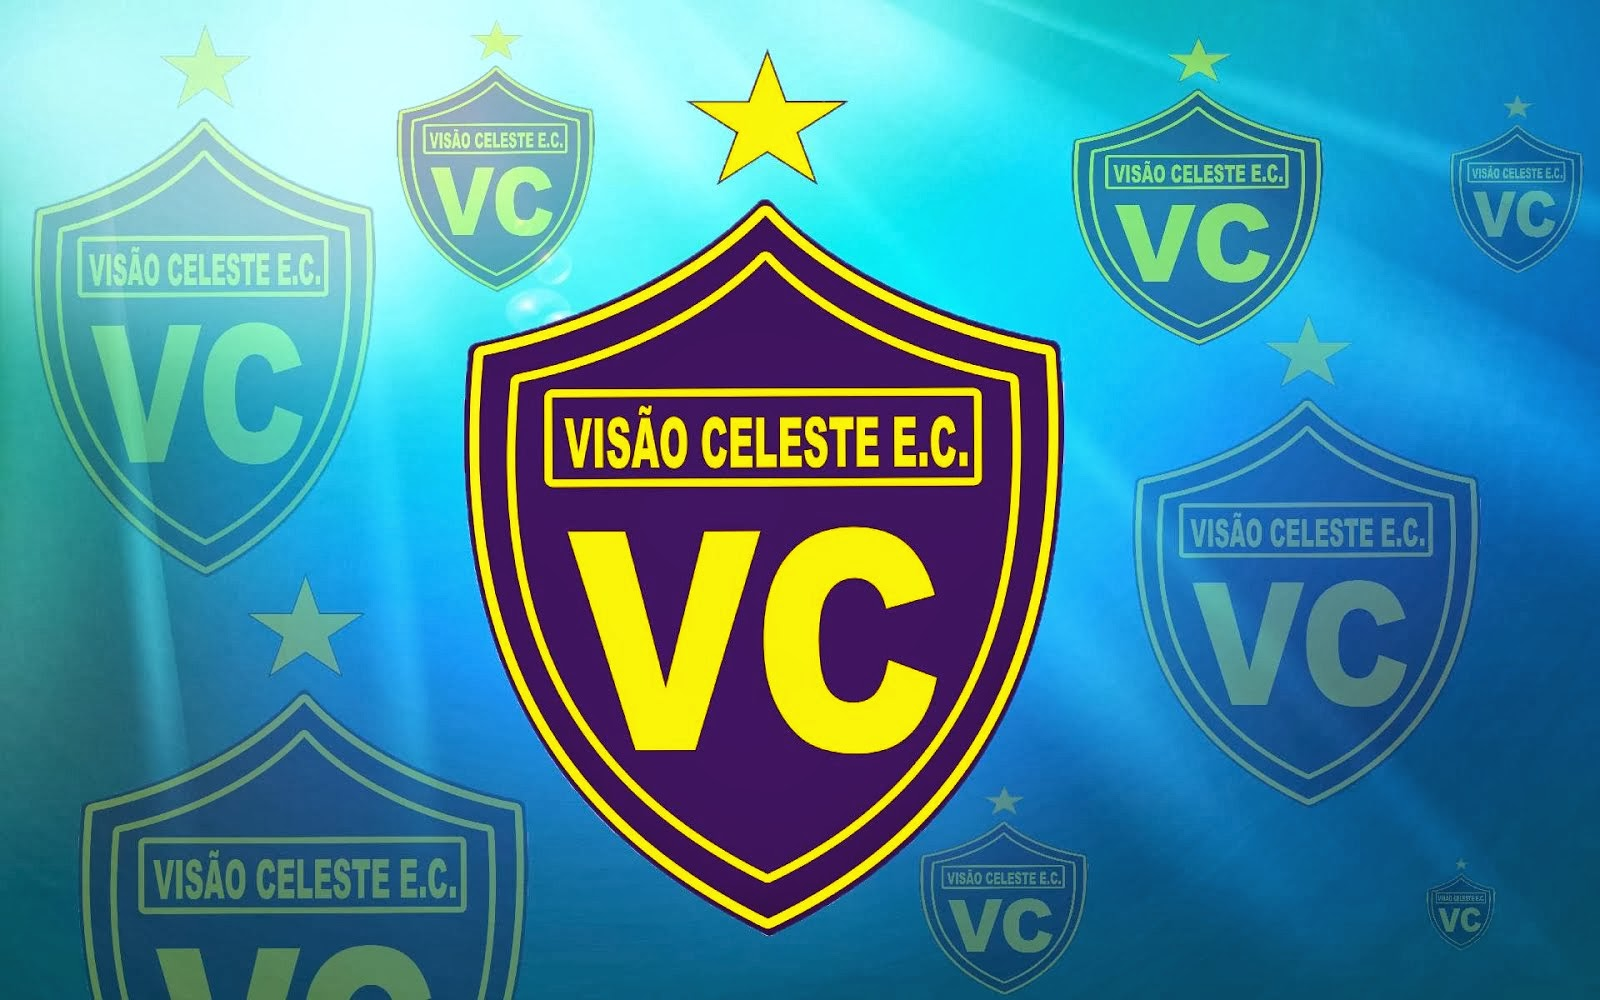 Visão Celeste E.C